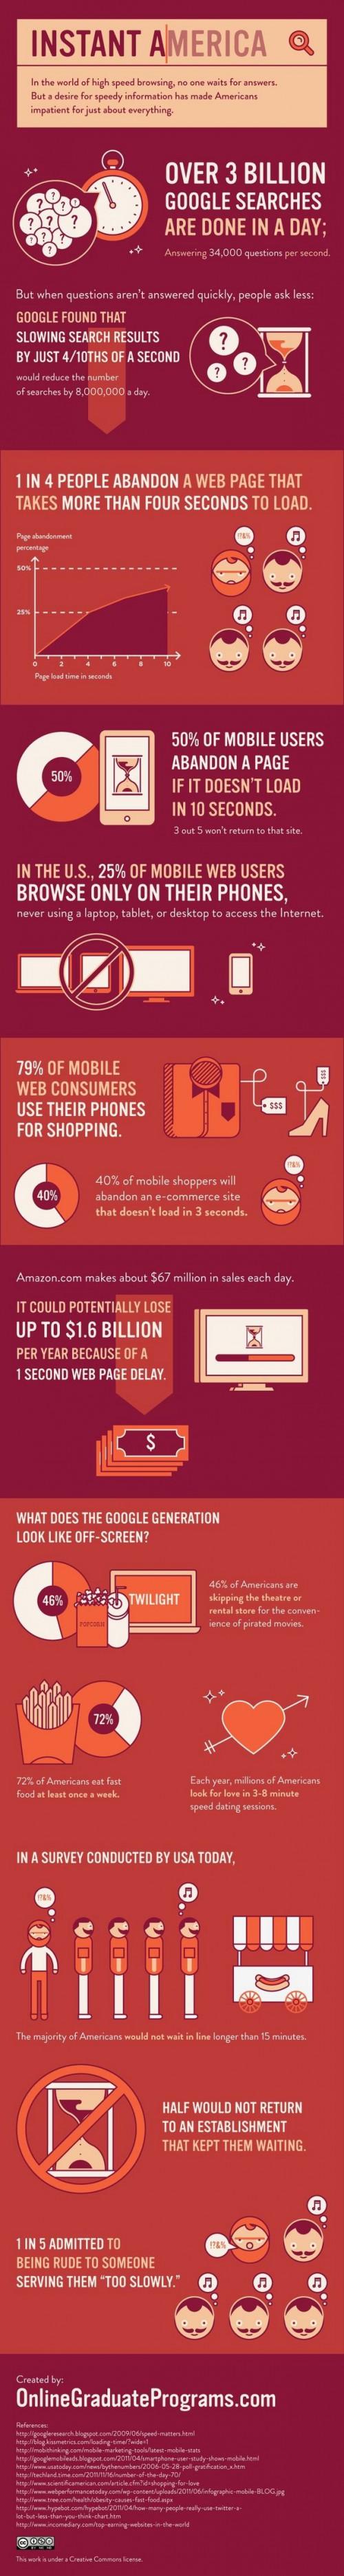 infographie-temps-de-chargement-ecommerce